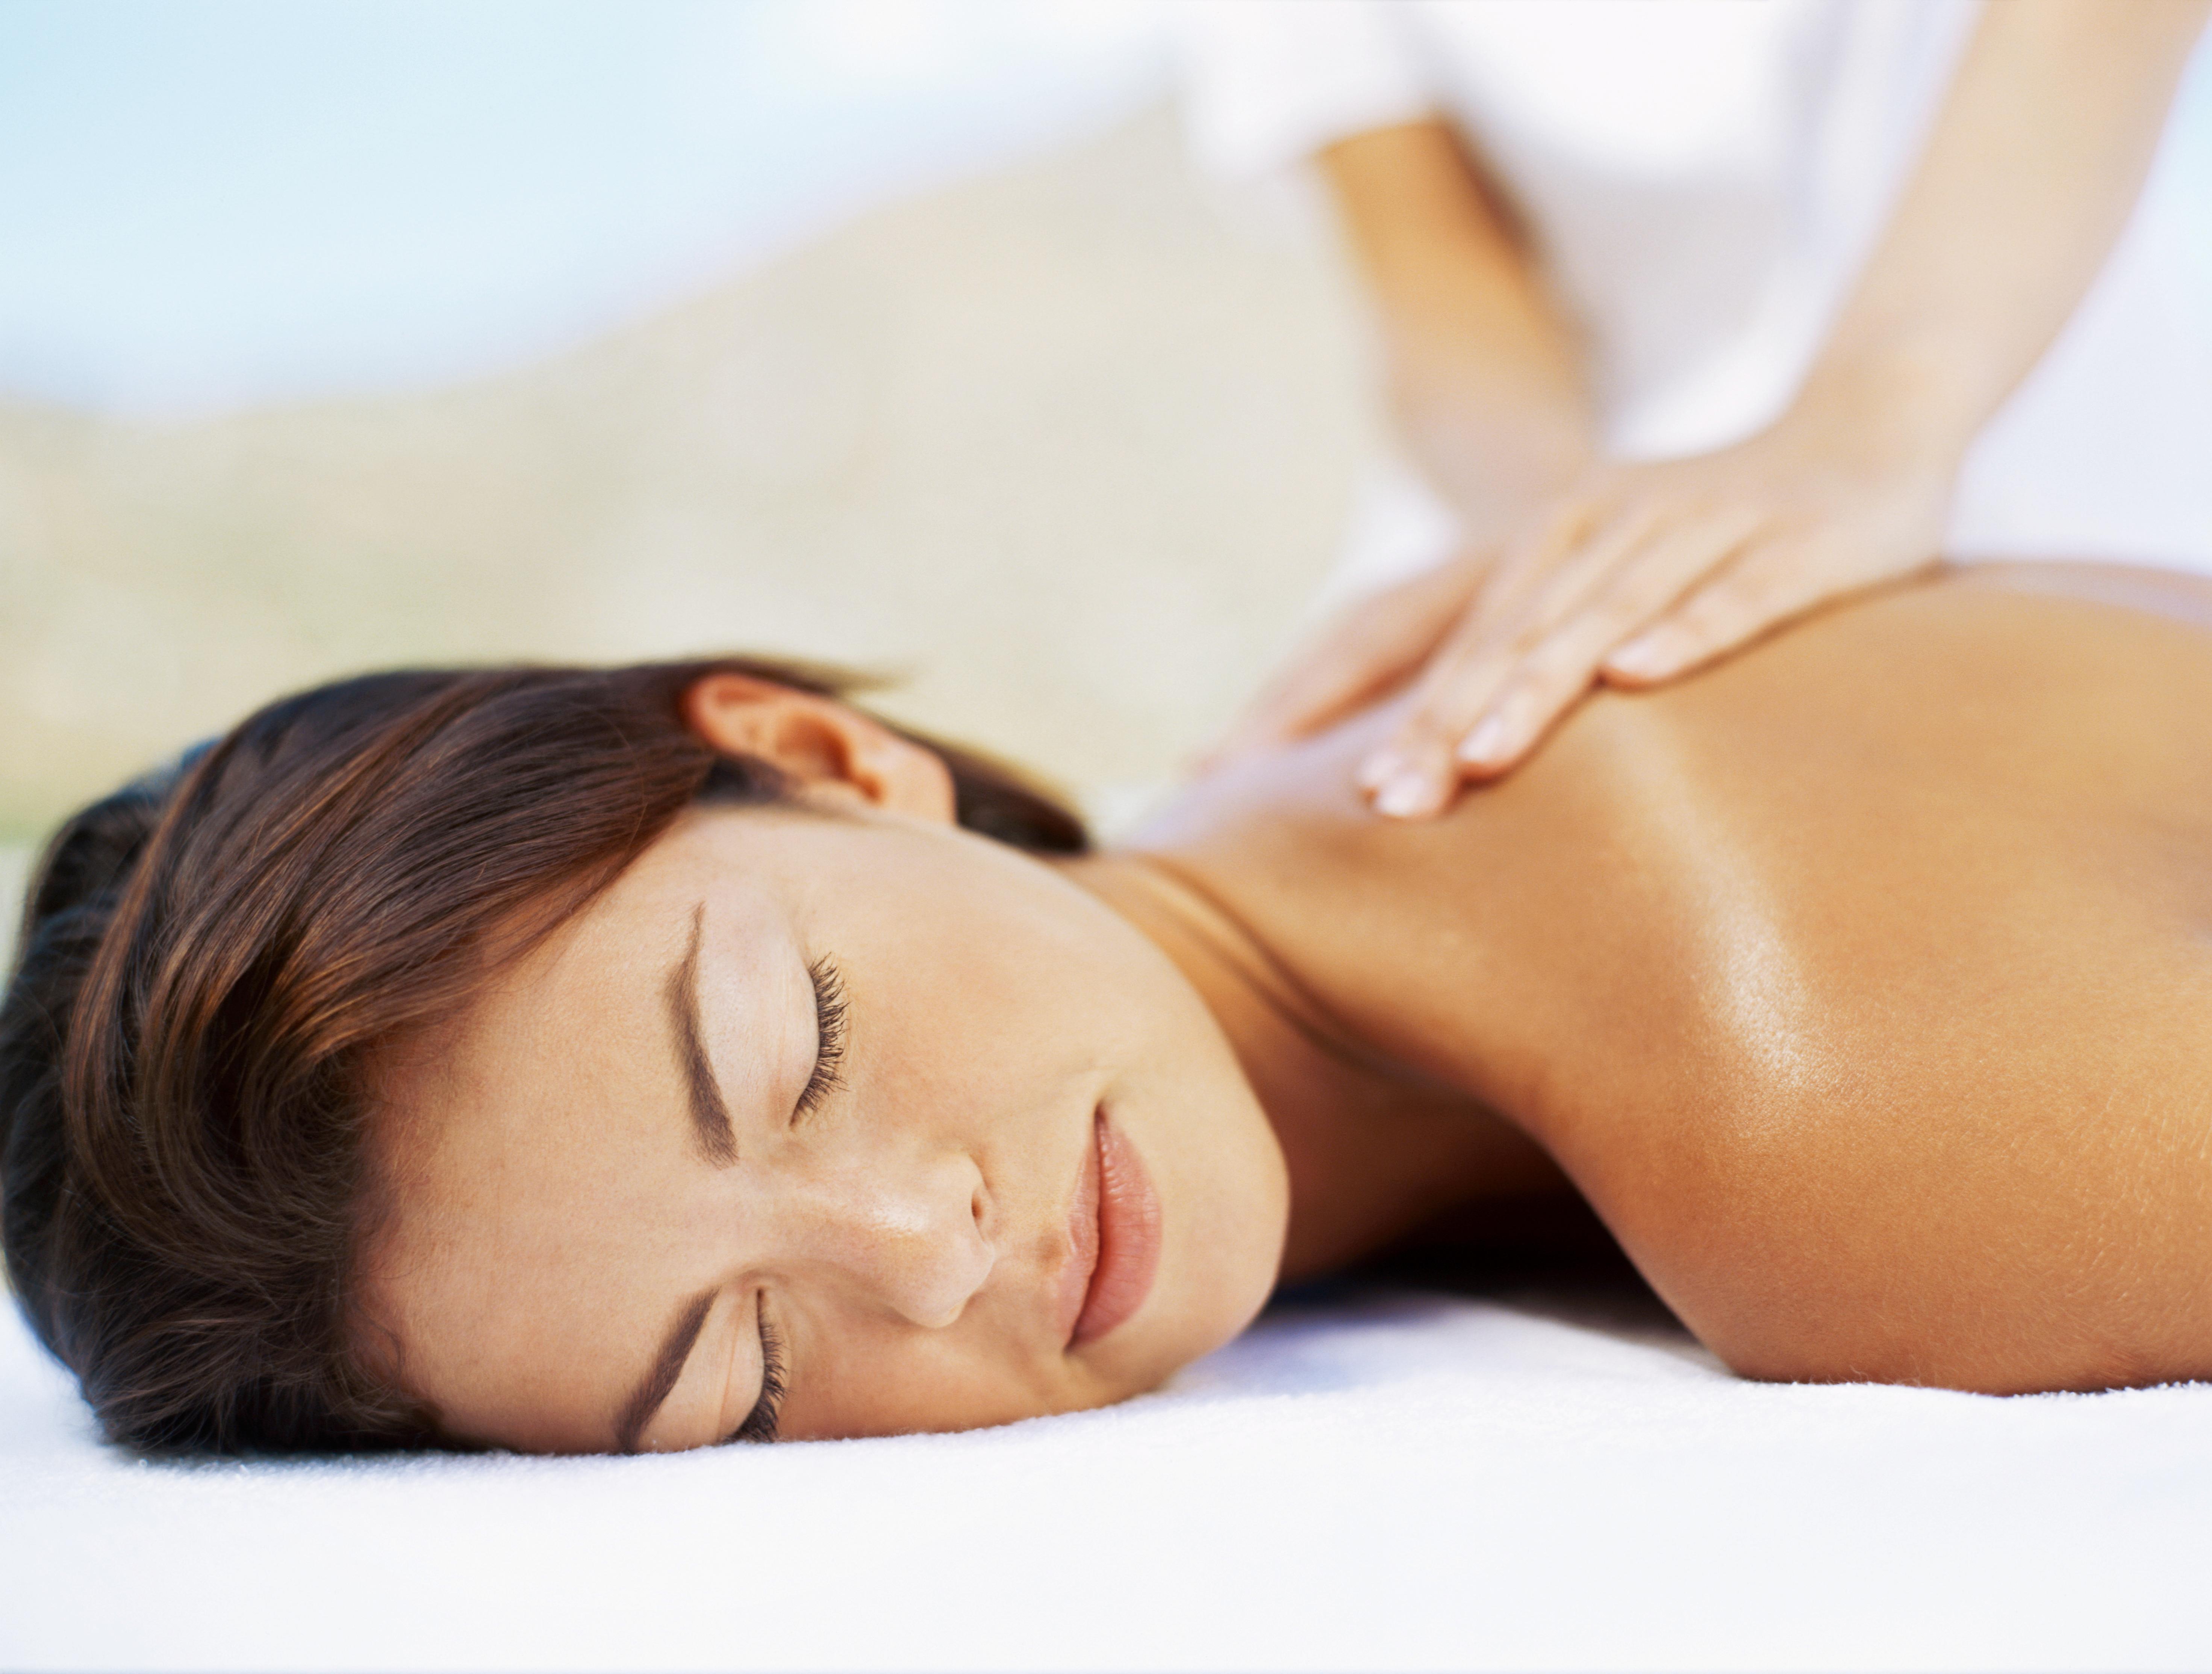 Teen full body massage first time meet